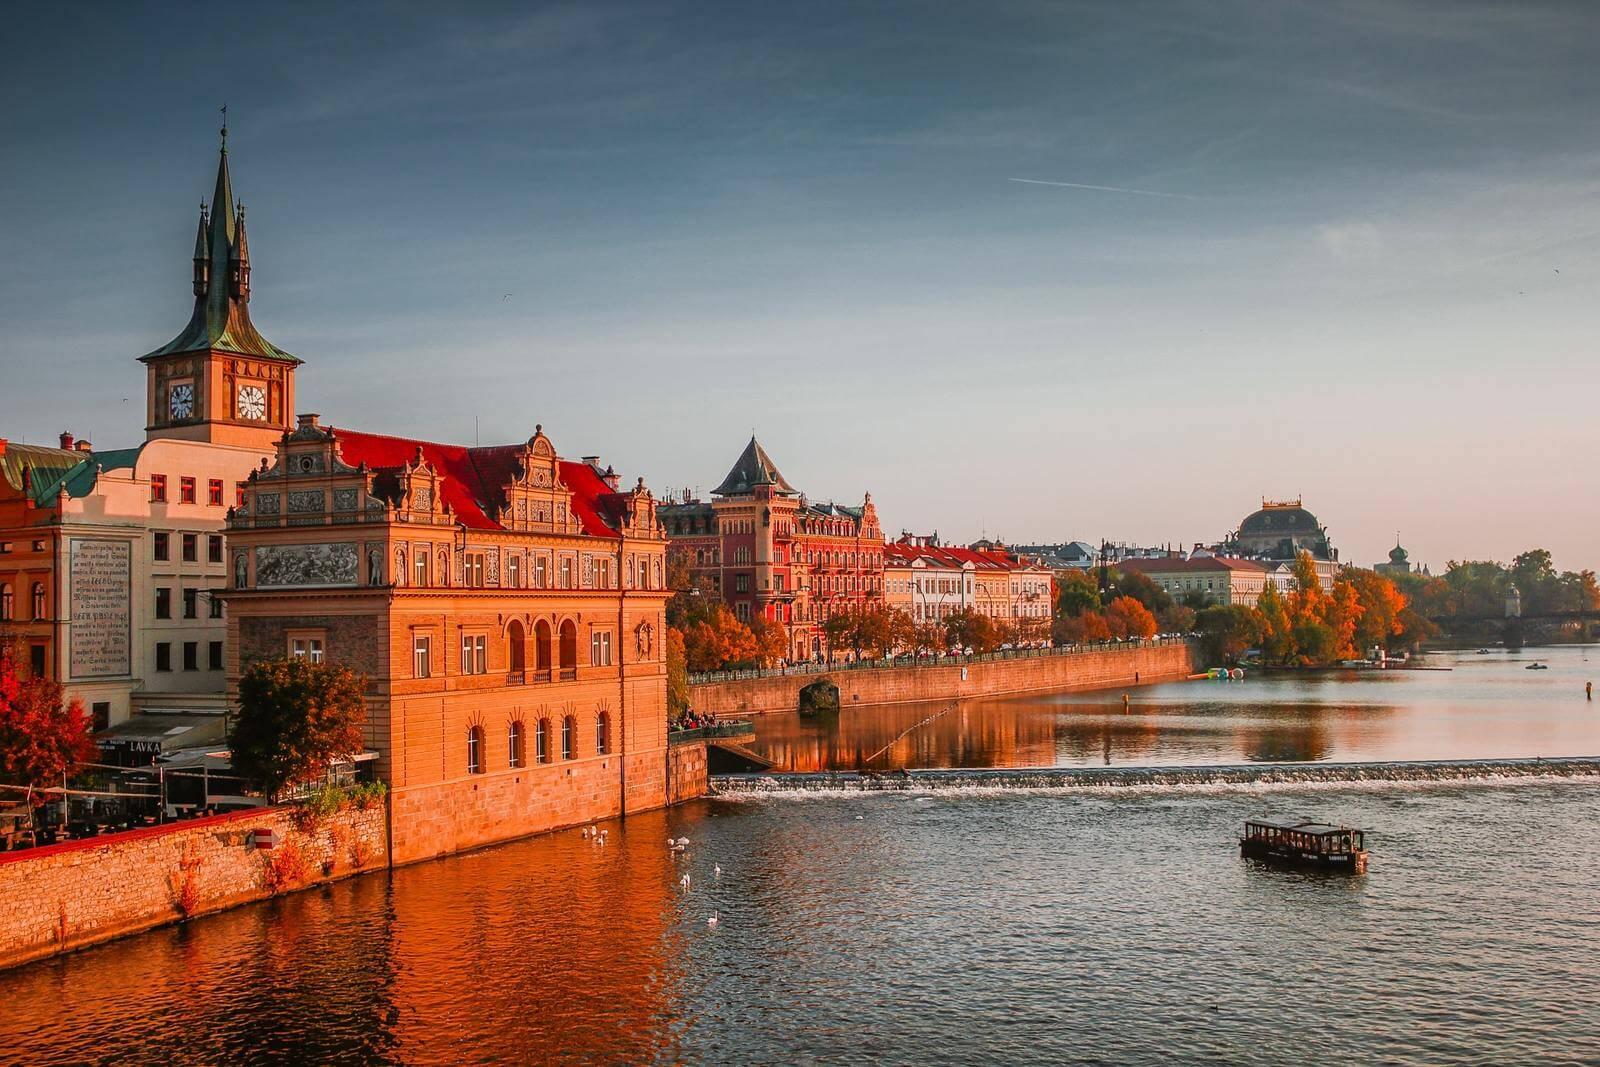 praga widok na miasto od rzeki